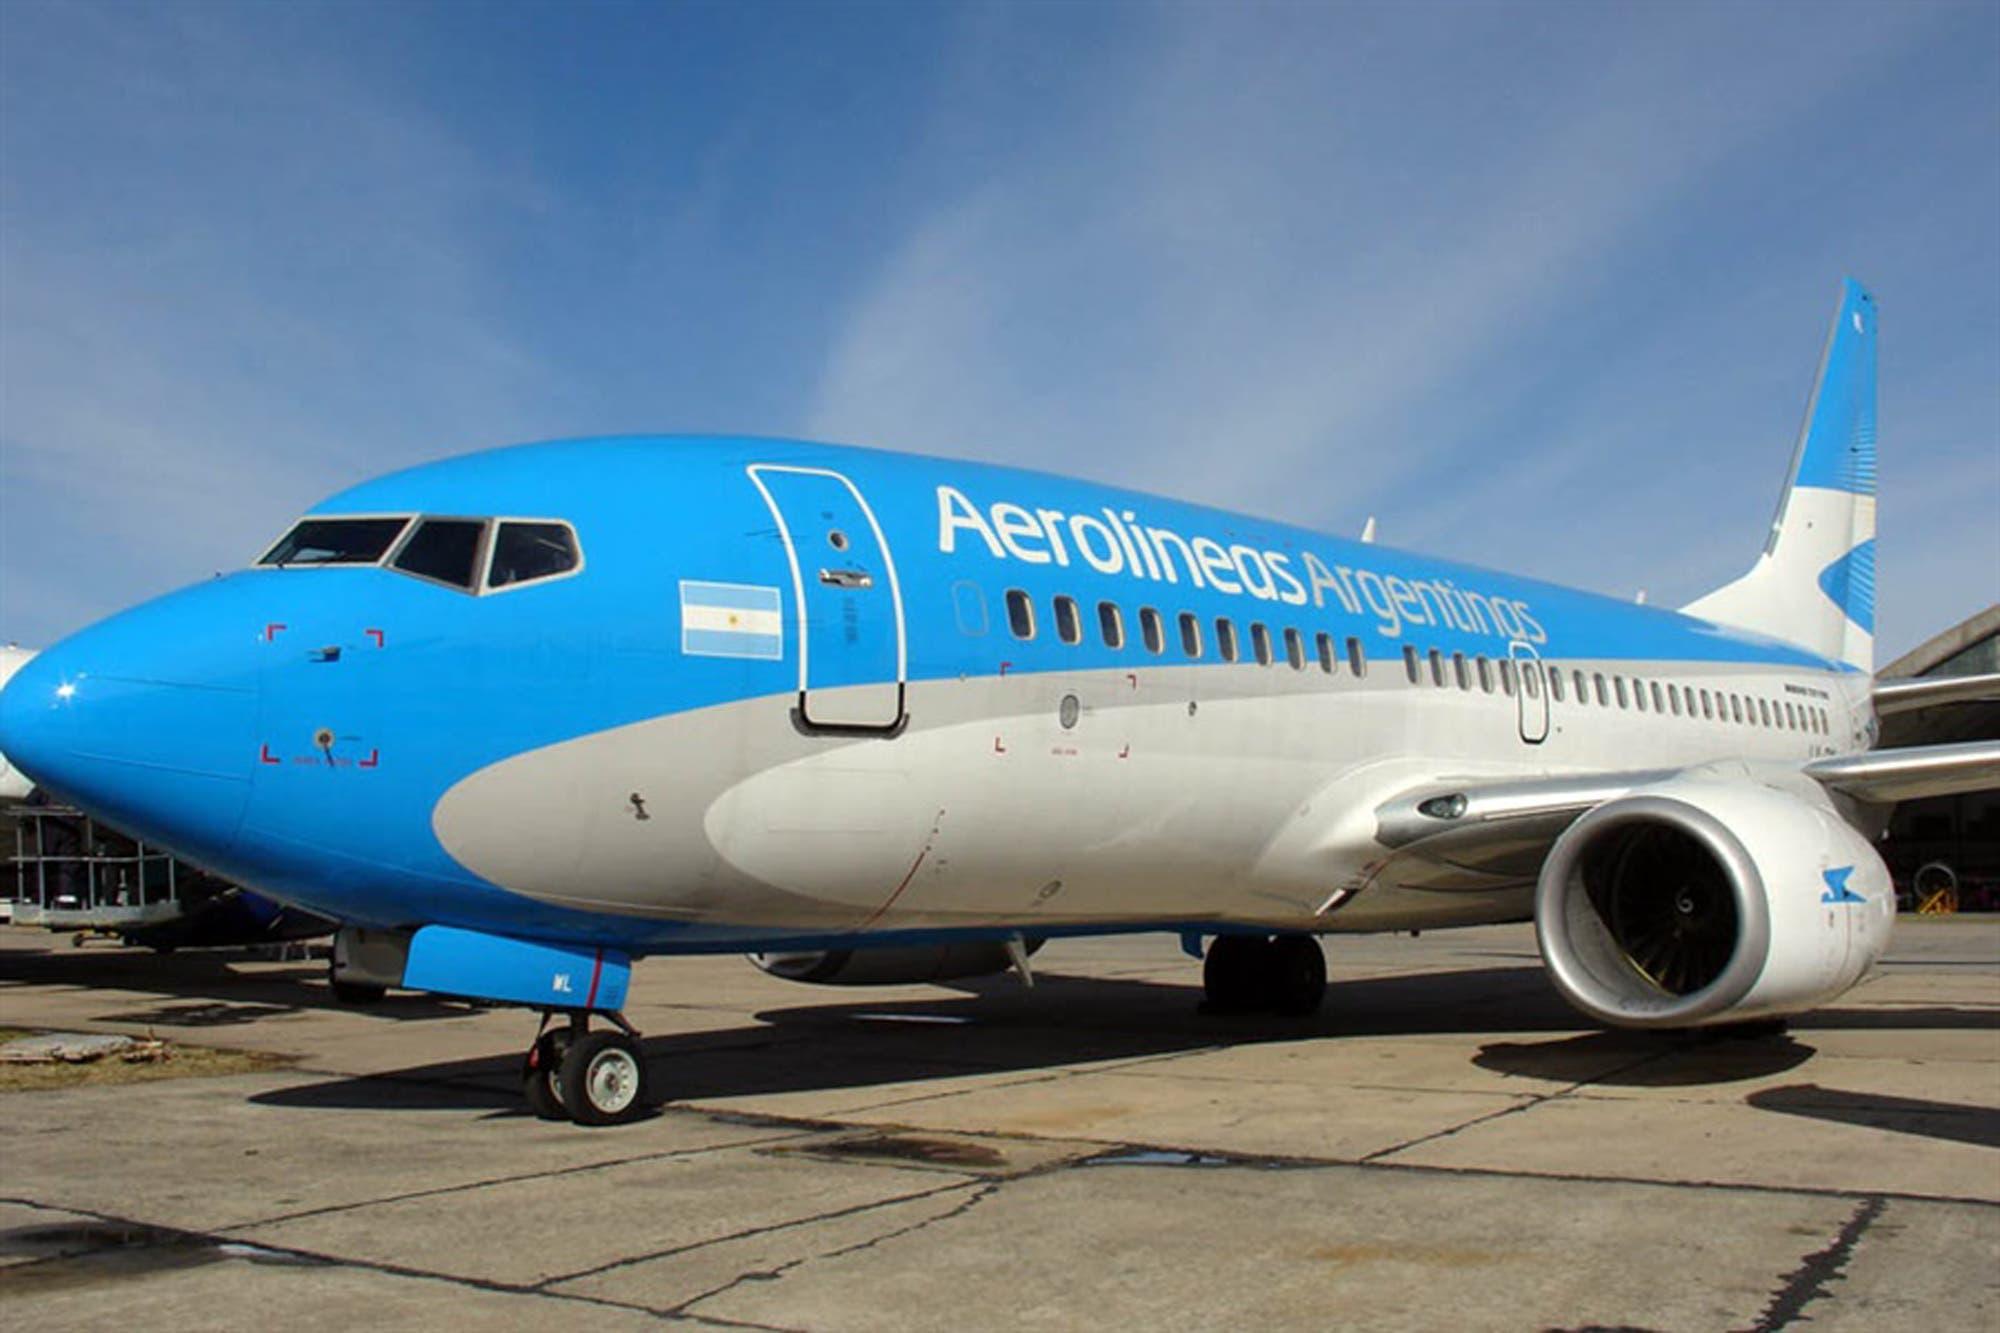 Desde agosto, Aerolíneas Argentinas ofrecerá vuelos sin equipaje a precios low cost